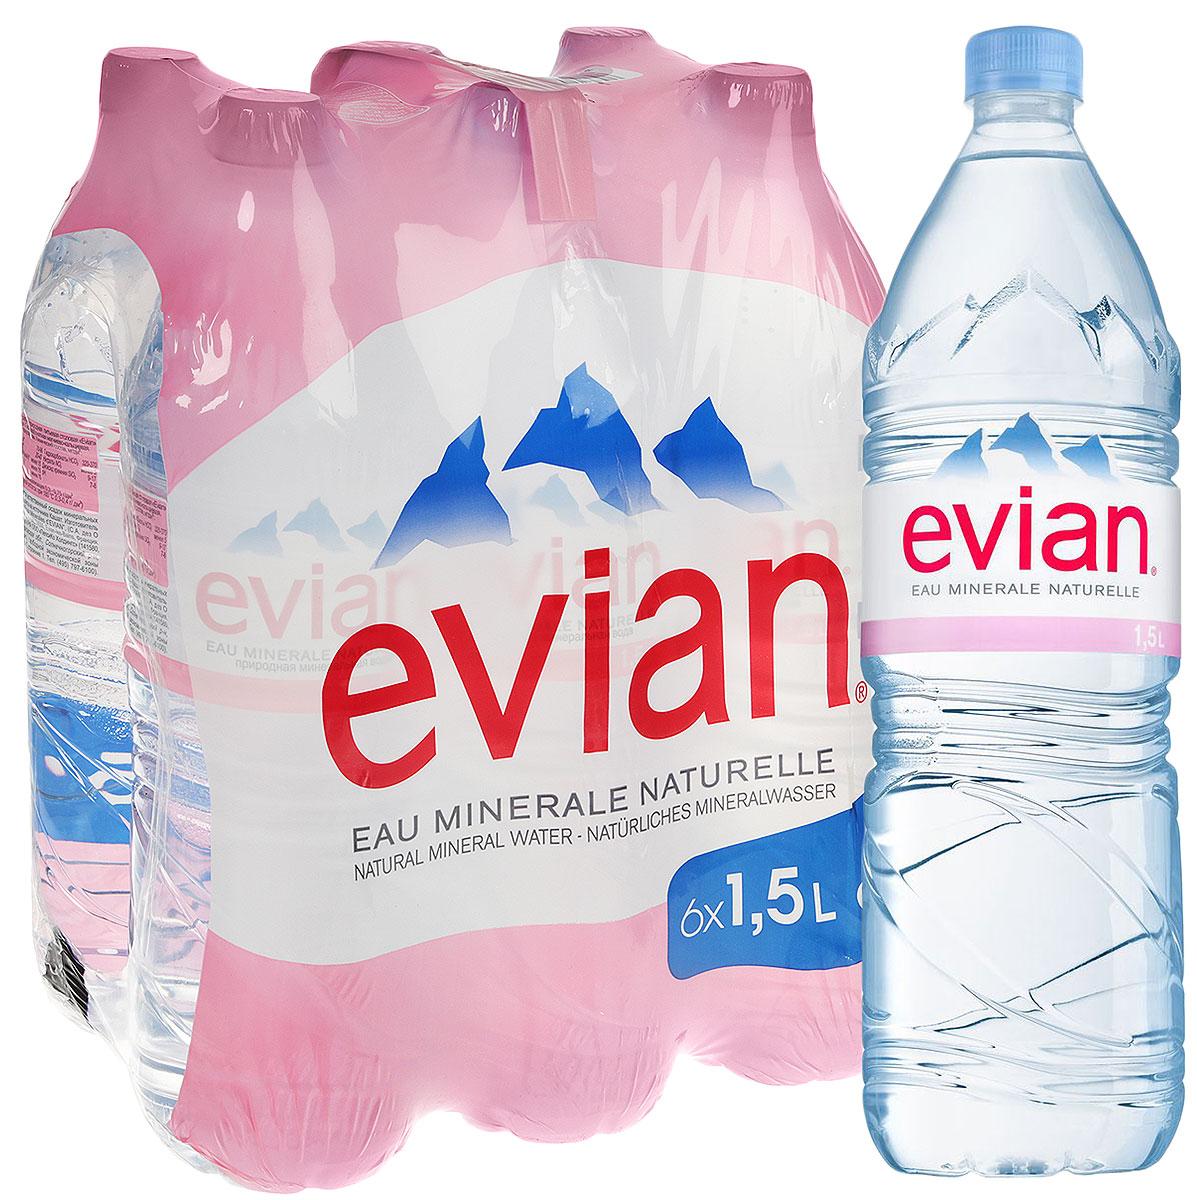 Evian вода минеральная природная столовая негазированная, 6 шт по 1,5 л evian вода минеральная evian без газа 1 5 л